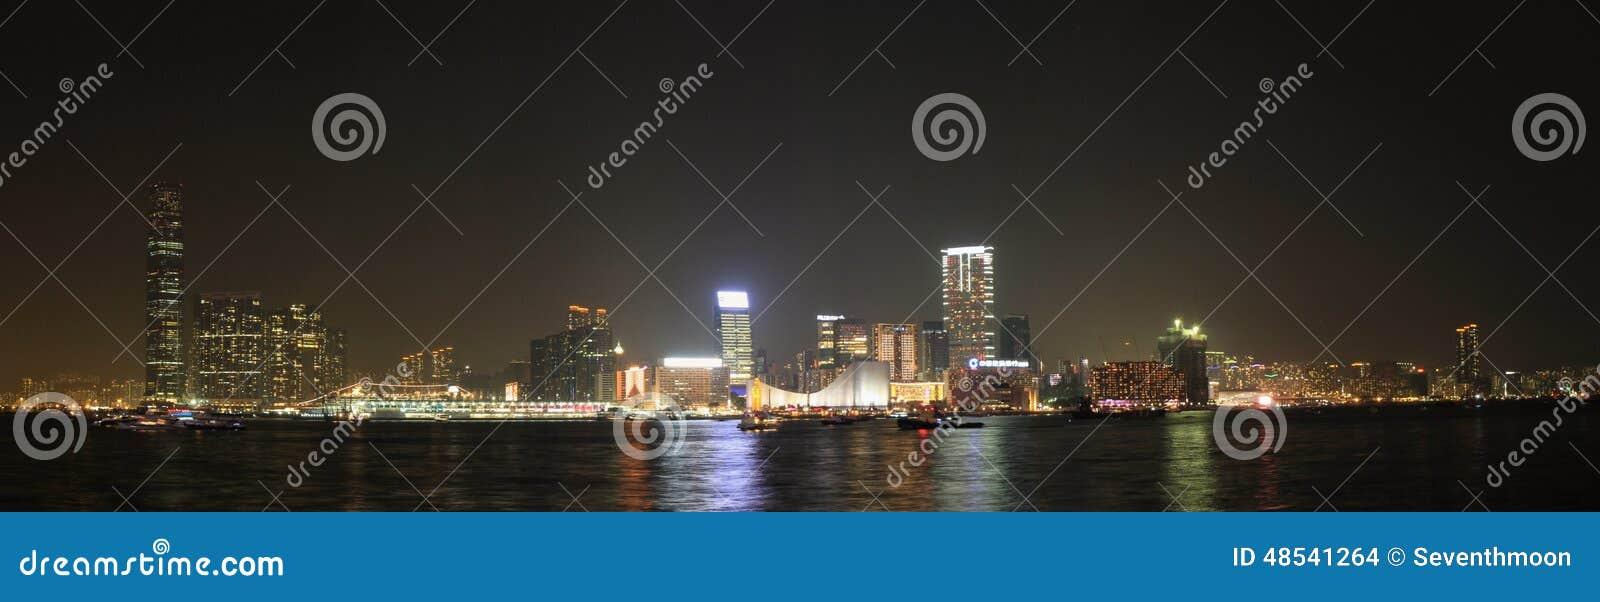 香港维多利亚港夜感觉